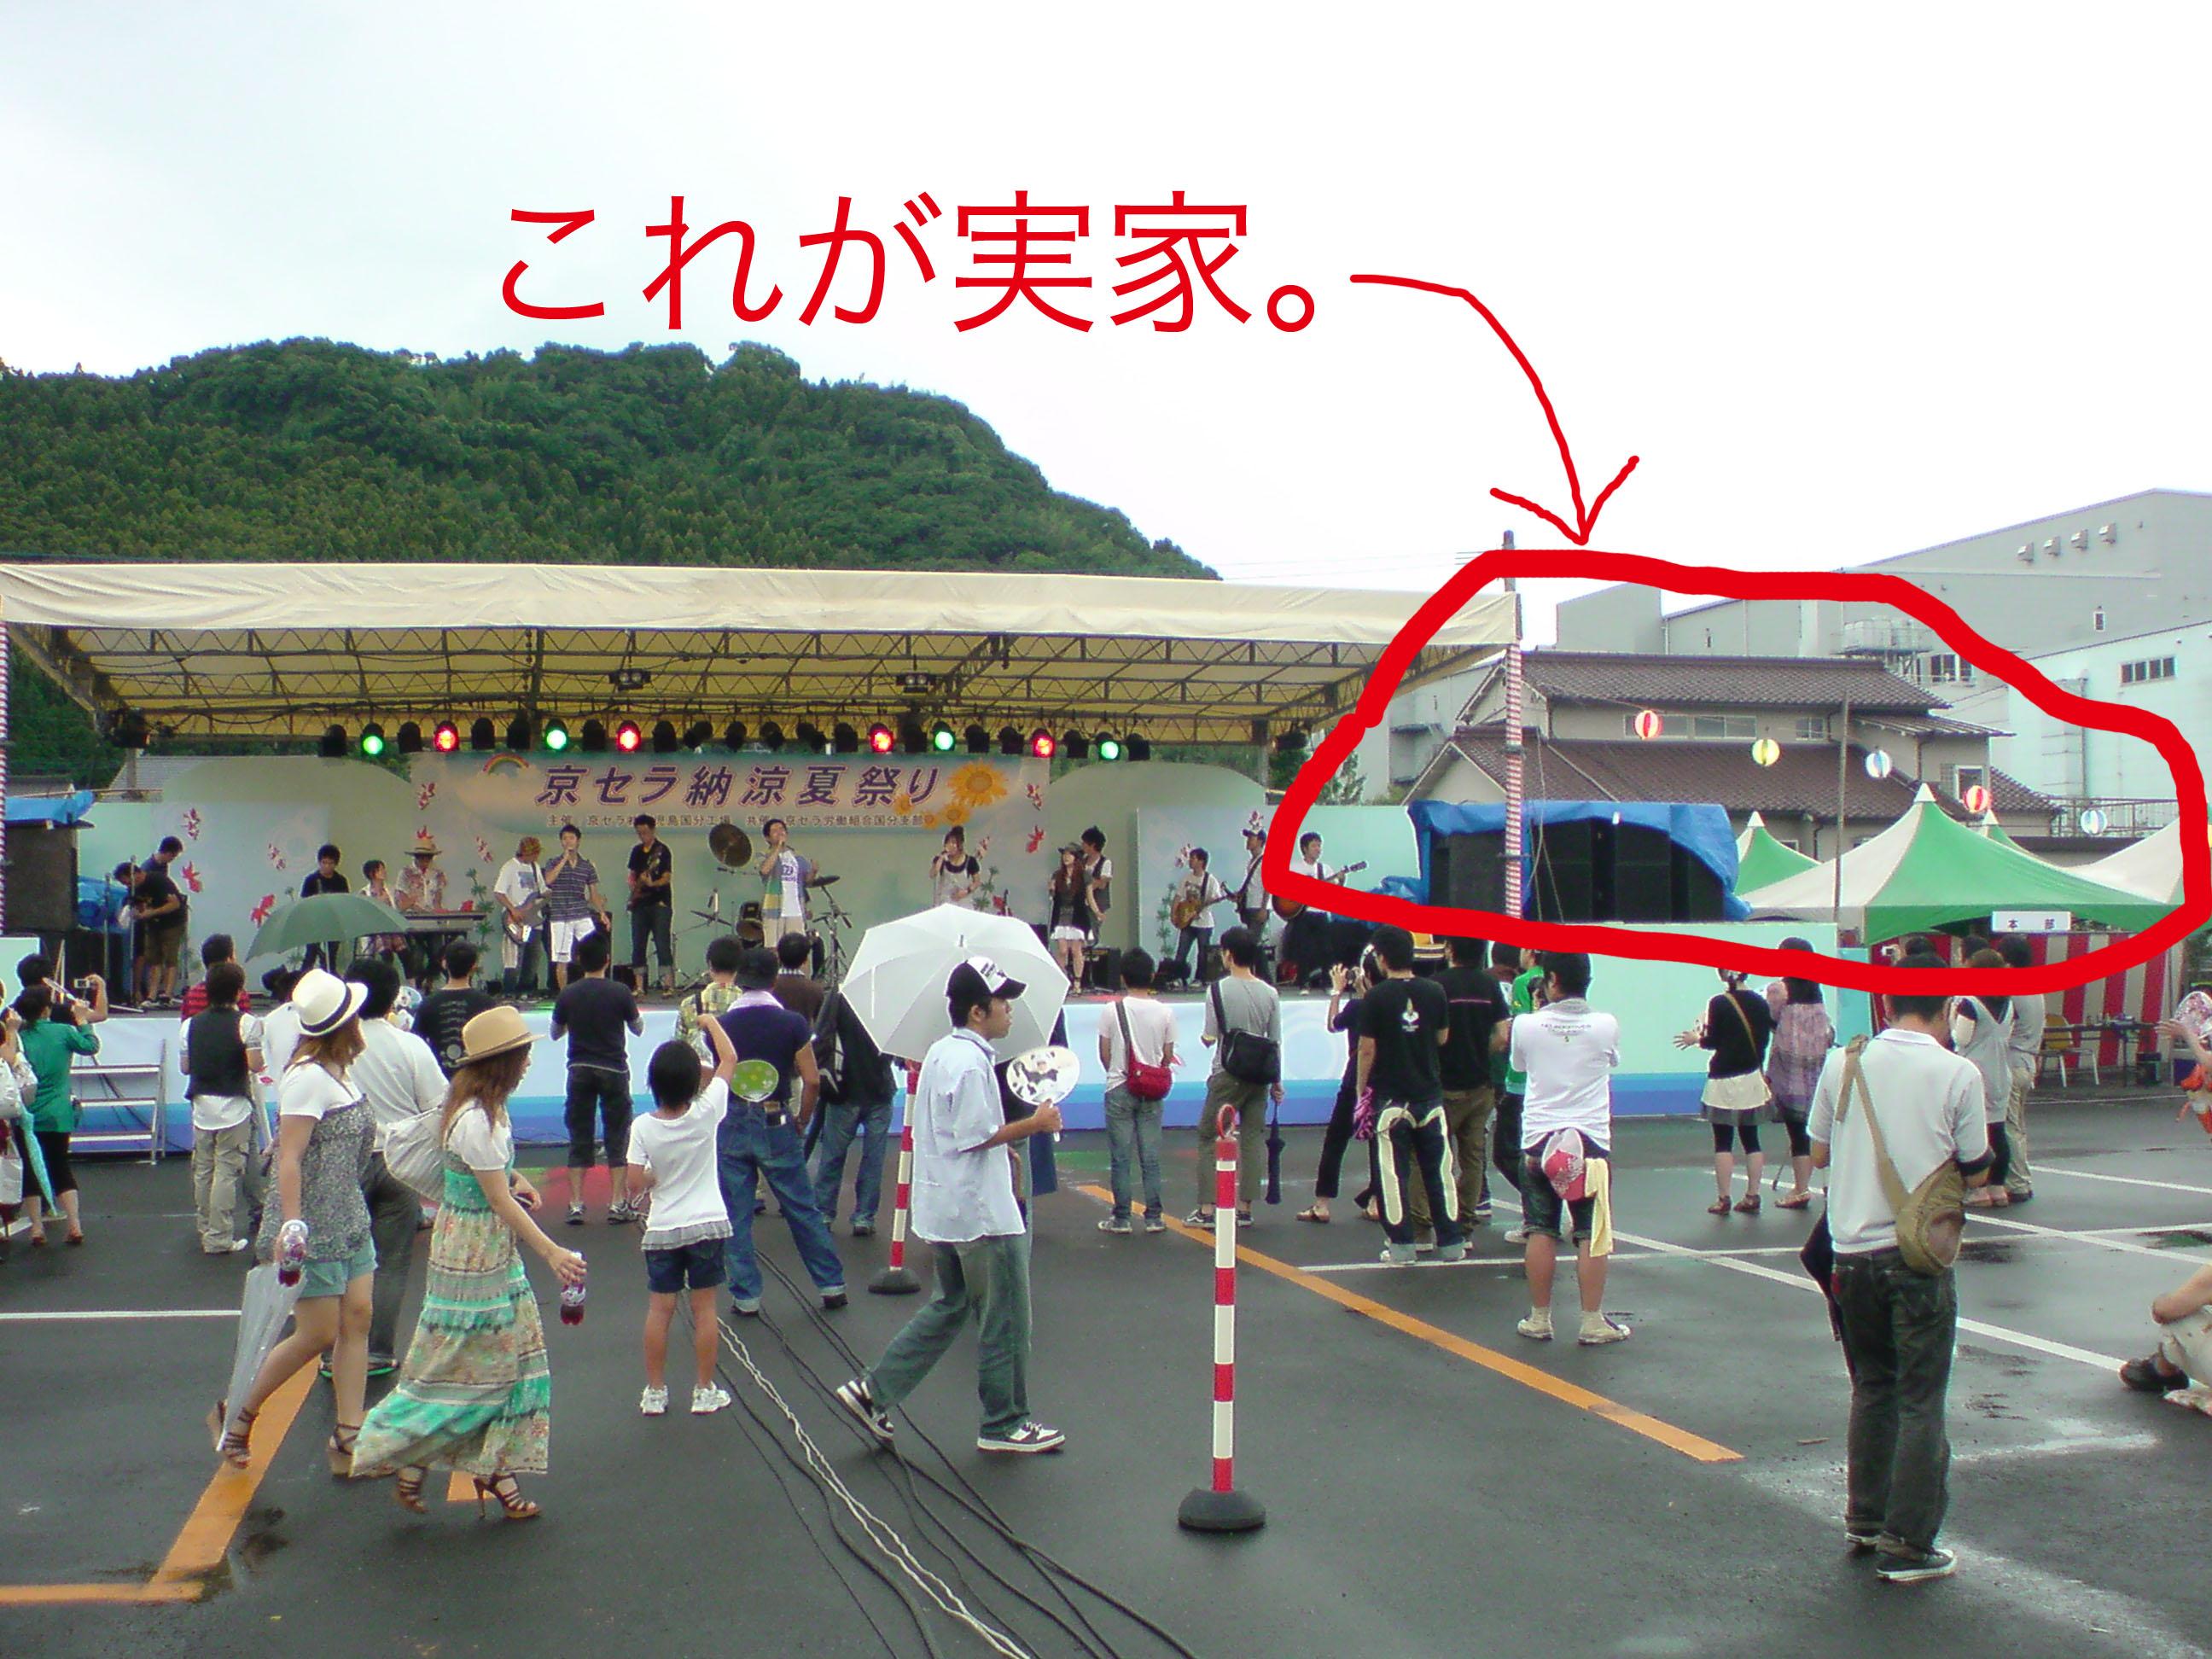 ボルボな人生:国分京セラ夏祭り